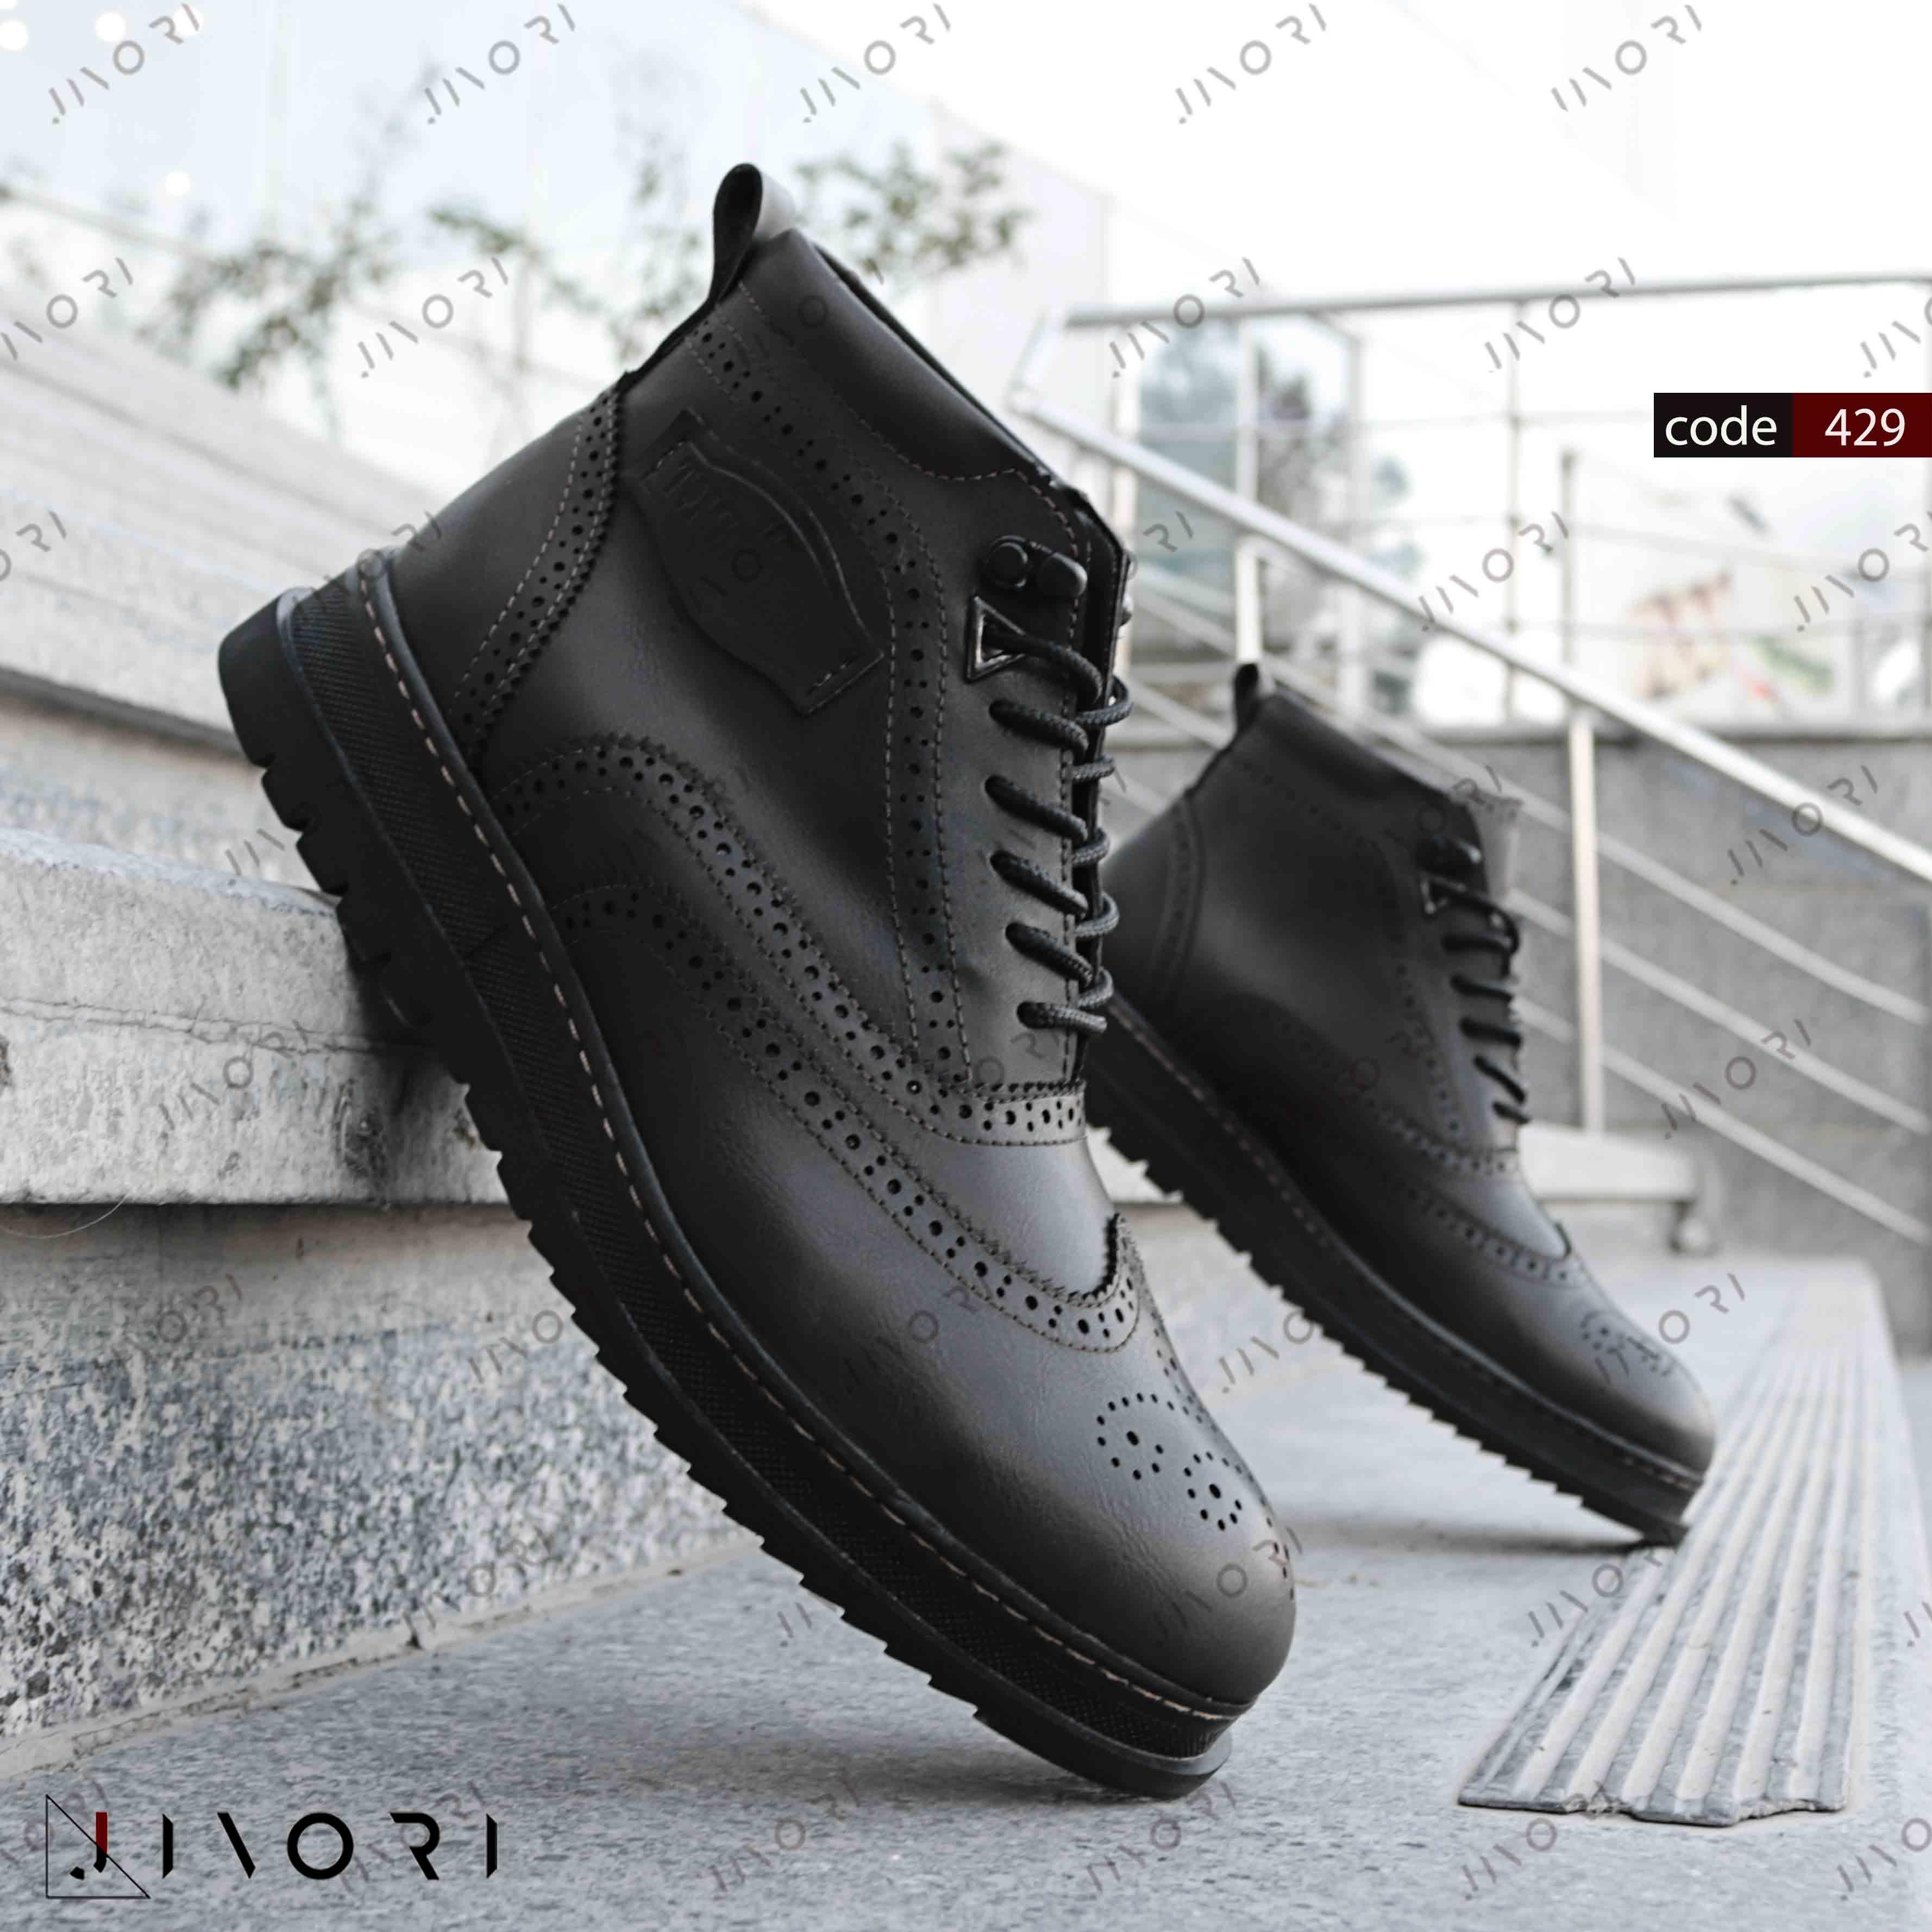 کفش مردانه تیم برلند (429)